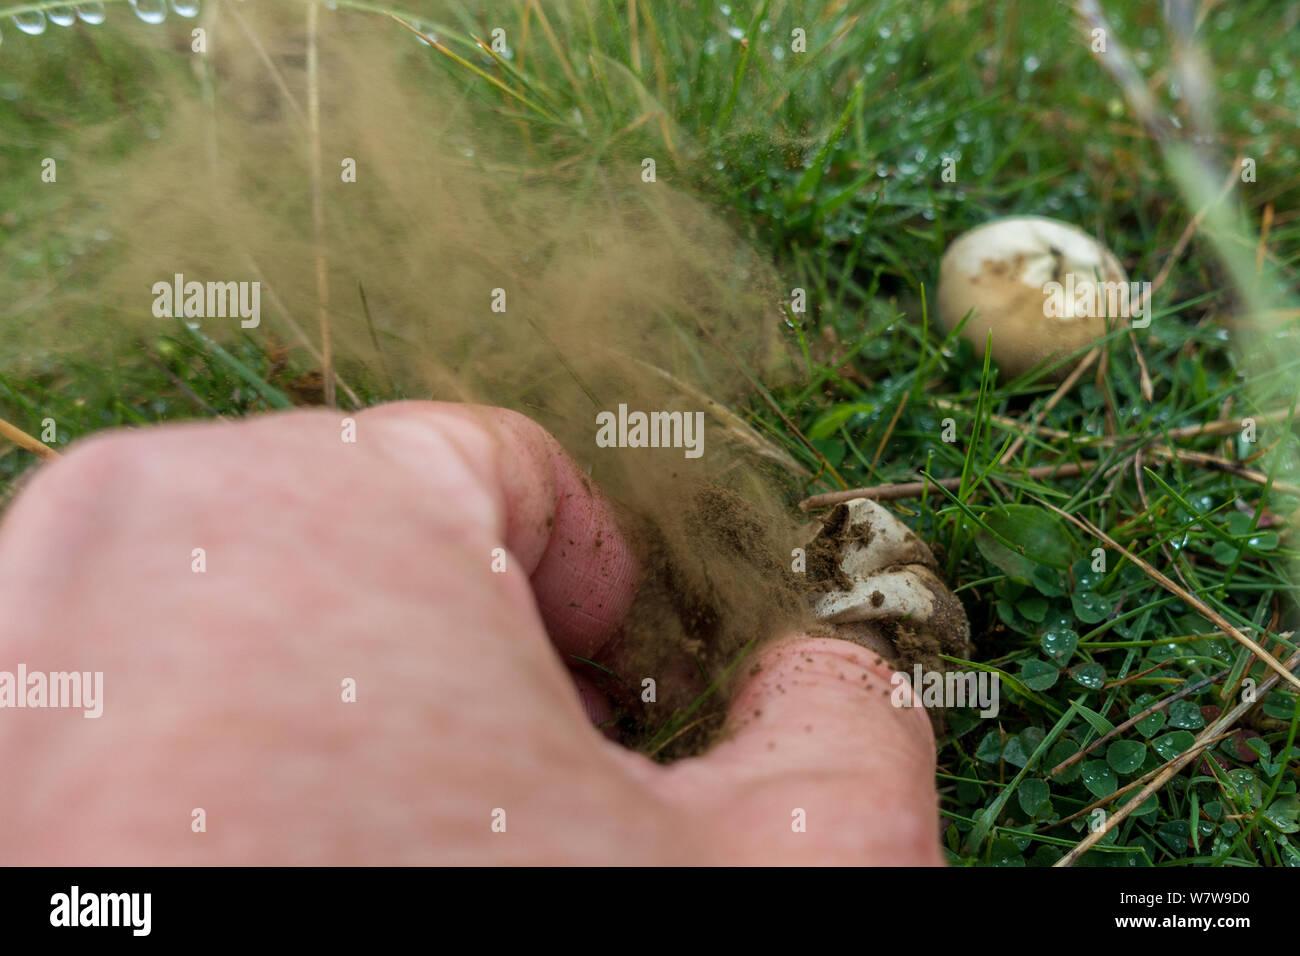 Naturaleza: Reino Unido persona exprimiendo un hongo puffball, liberando las esporas en una nube Foto de stock